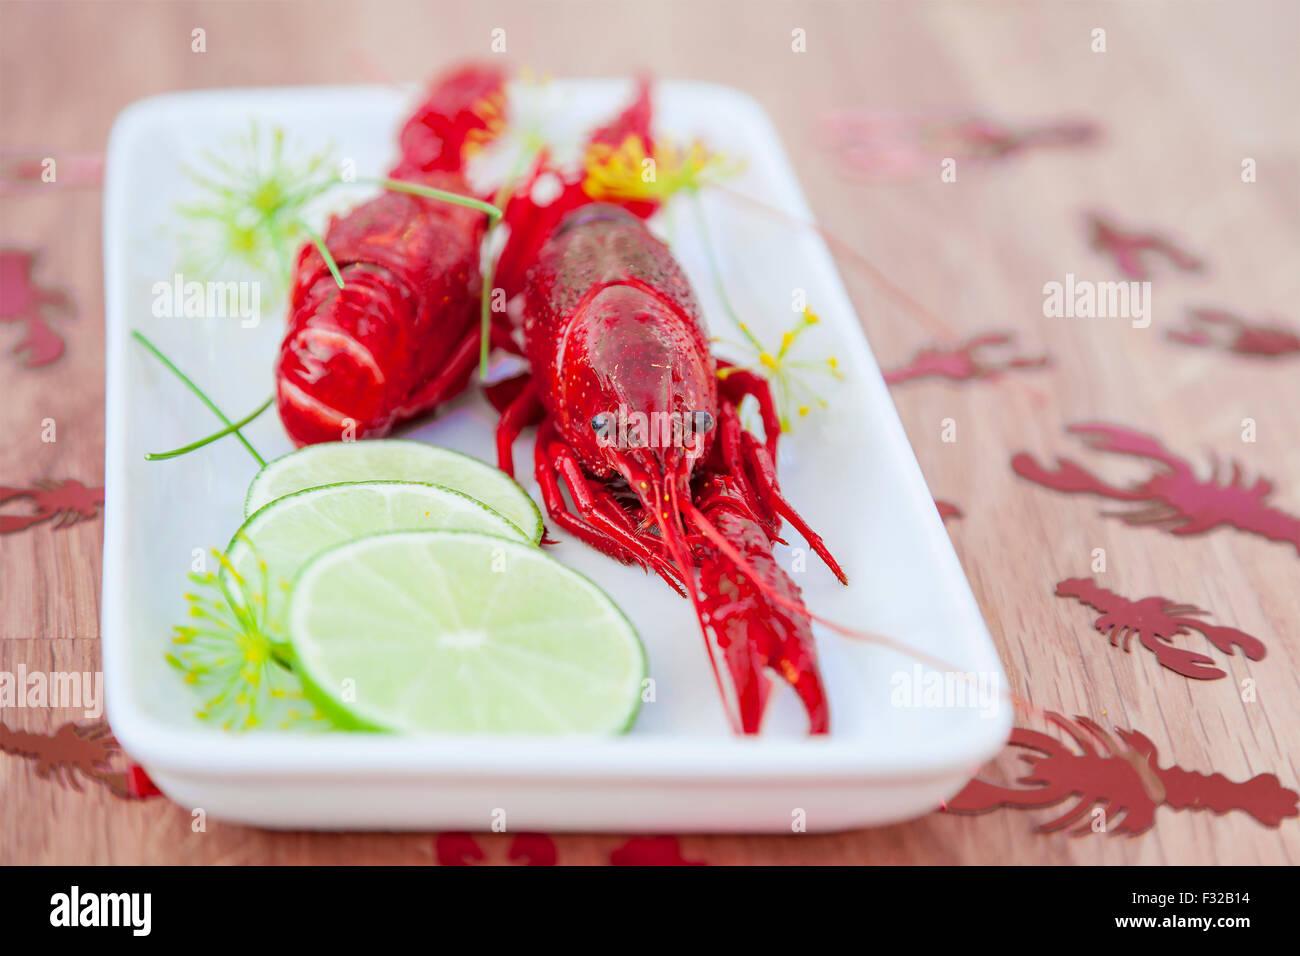 Bild von Krebsen und Kalk auf einen Teller. Stockbild